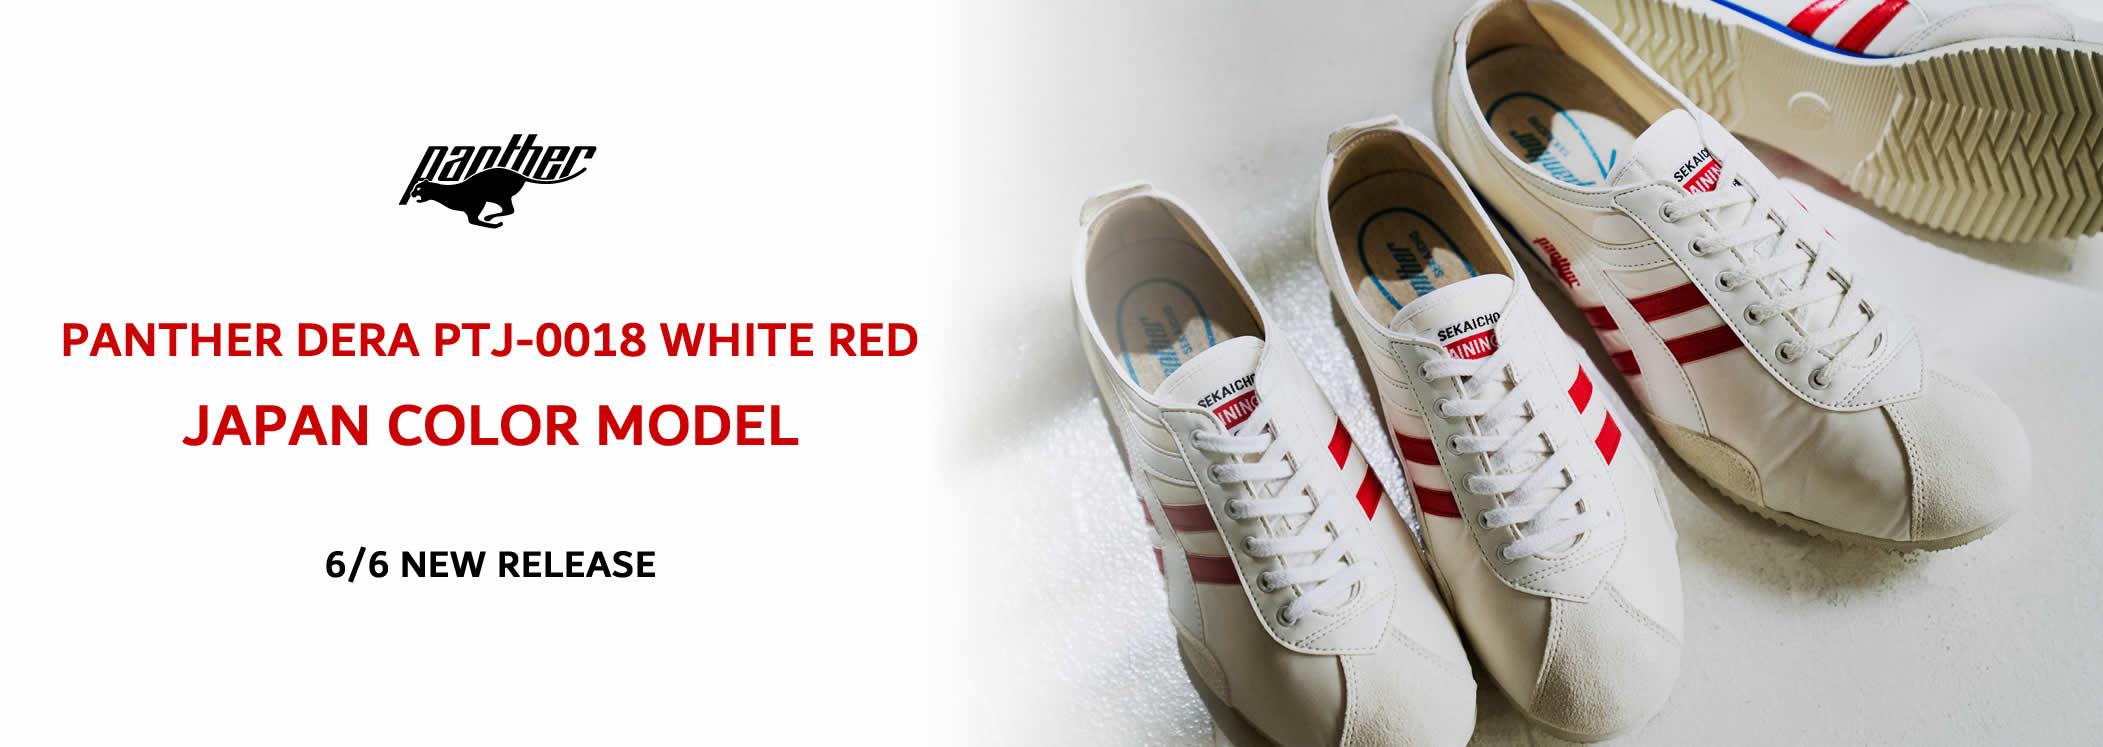 05-panther-dera-ptj-0018-white-red-1